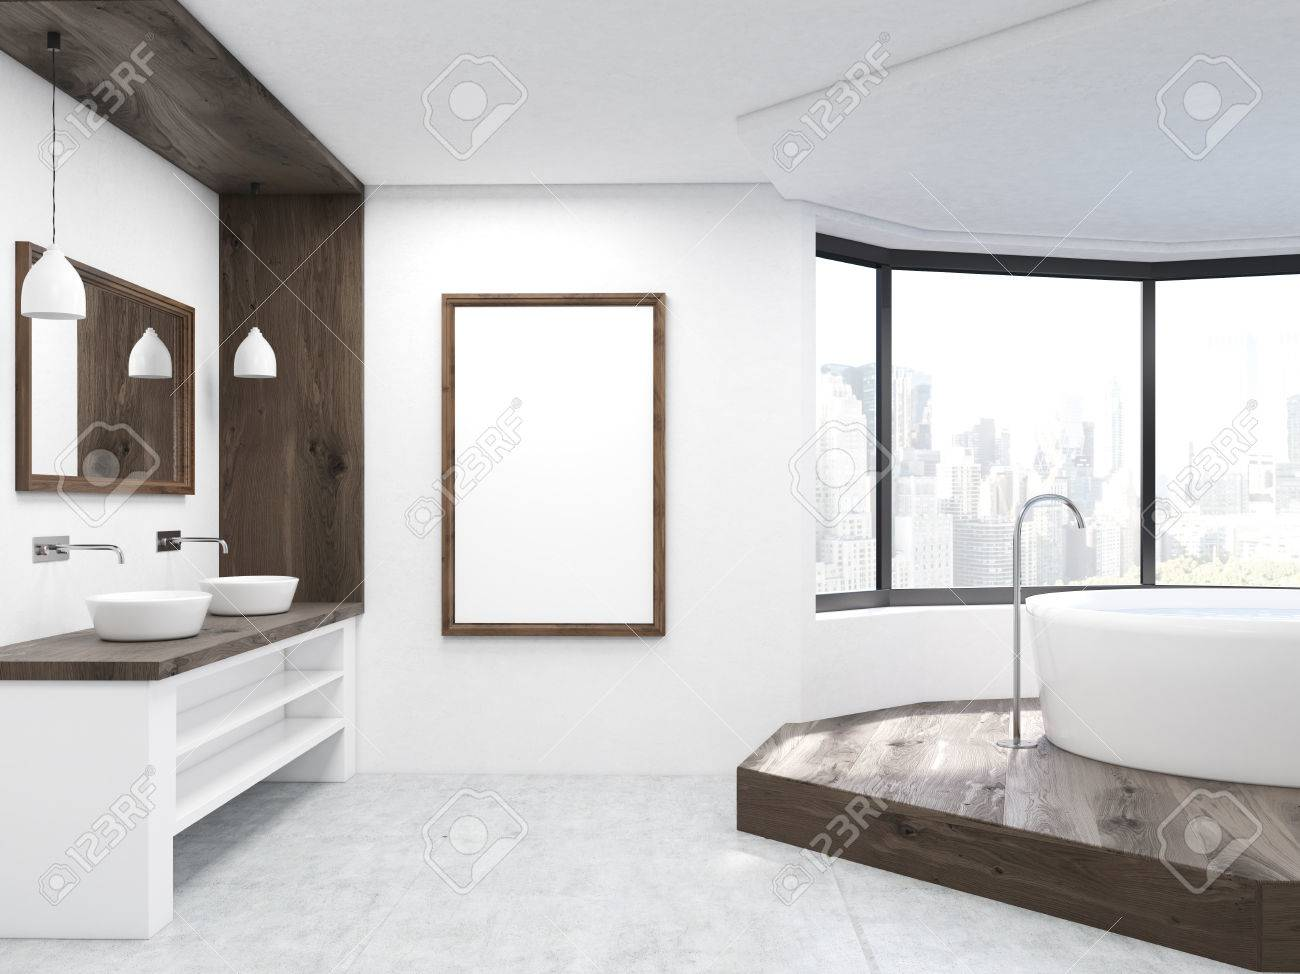 Grand intérieur de salle de bains avec l\'image verticale, lavabo et  baignoire ronde. Vue de New York City. Concept de détente et de la maison.  rendu ...